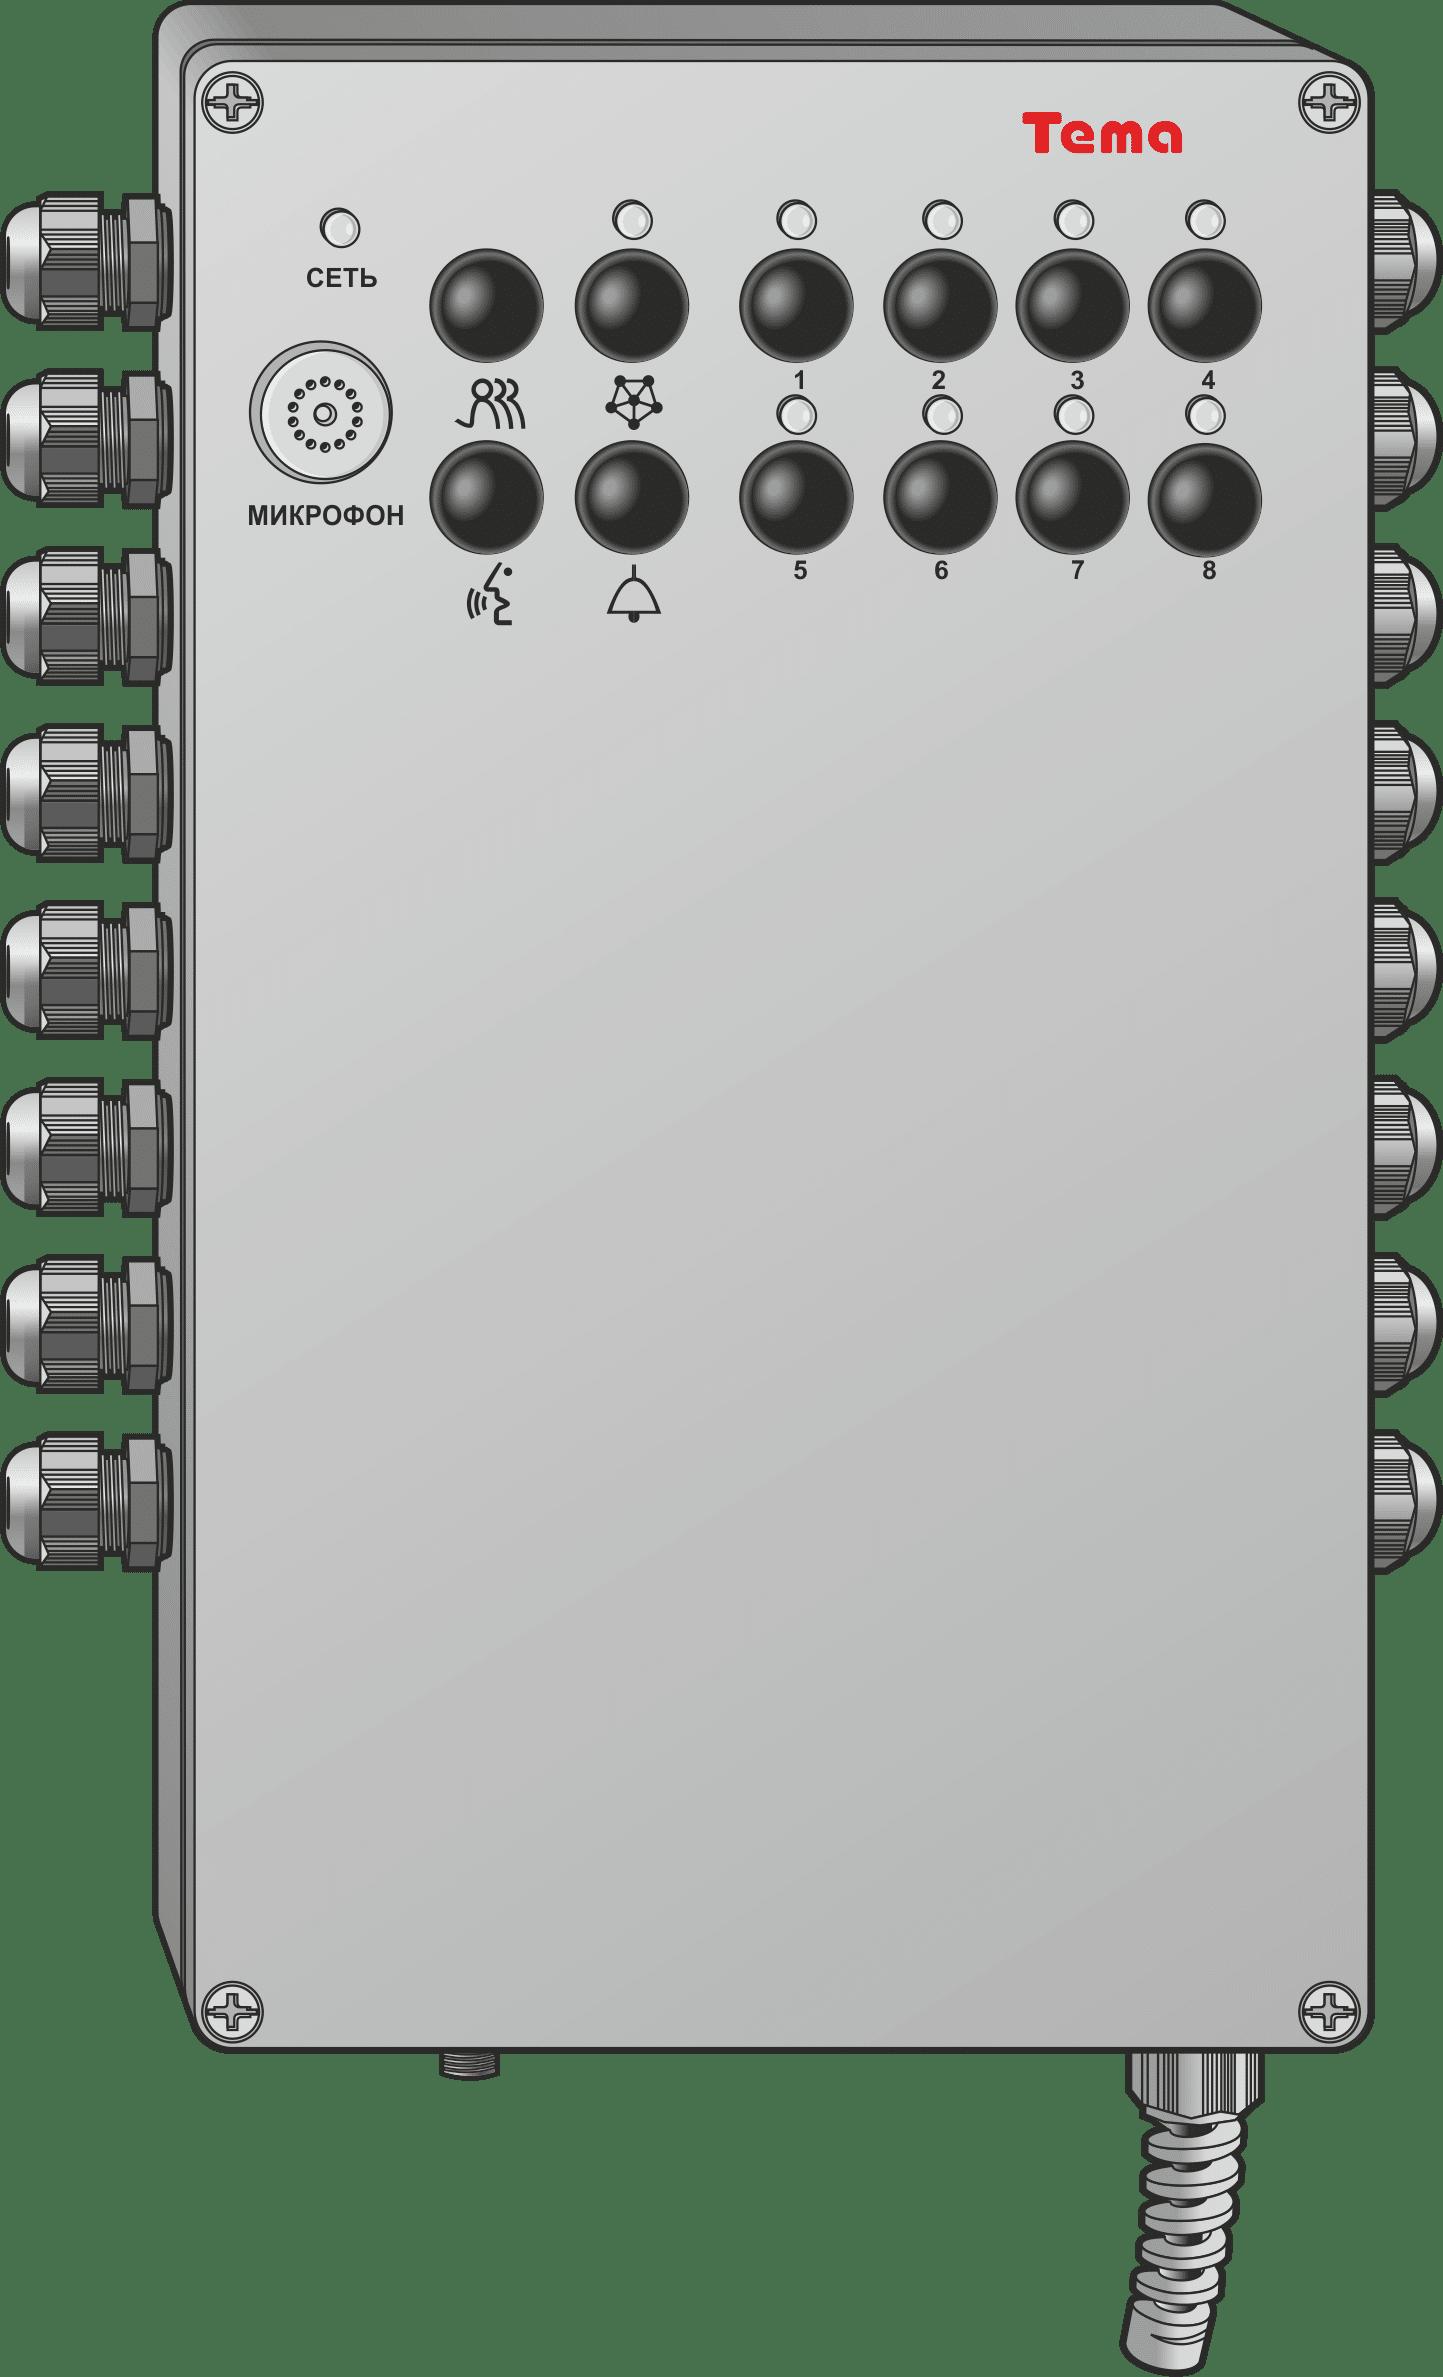 Автоинформатор, Согласующее устройство, Трансляционный усилитель Ряд Tema-MT8x.75